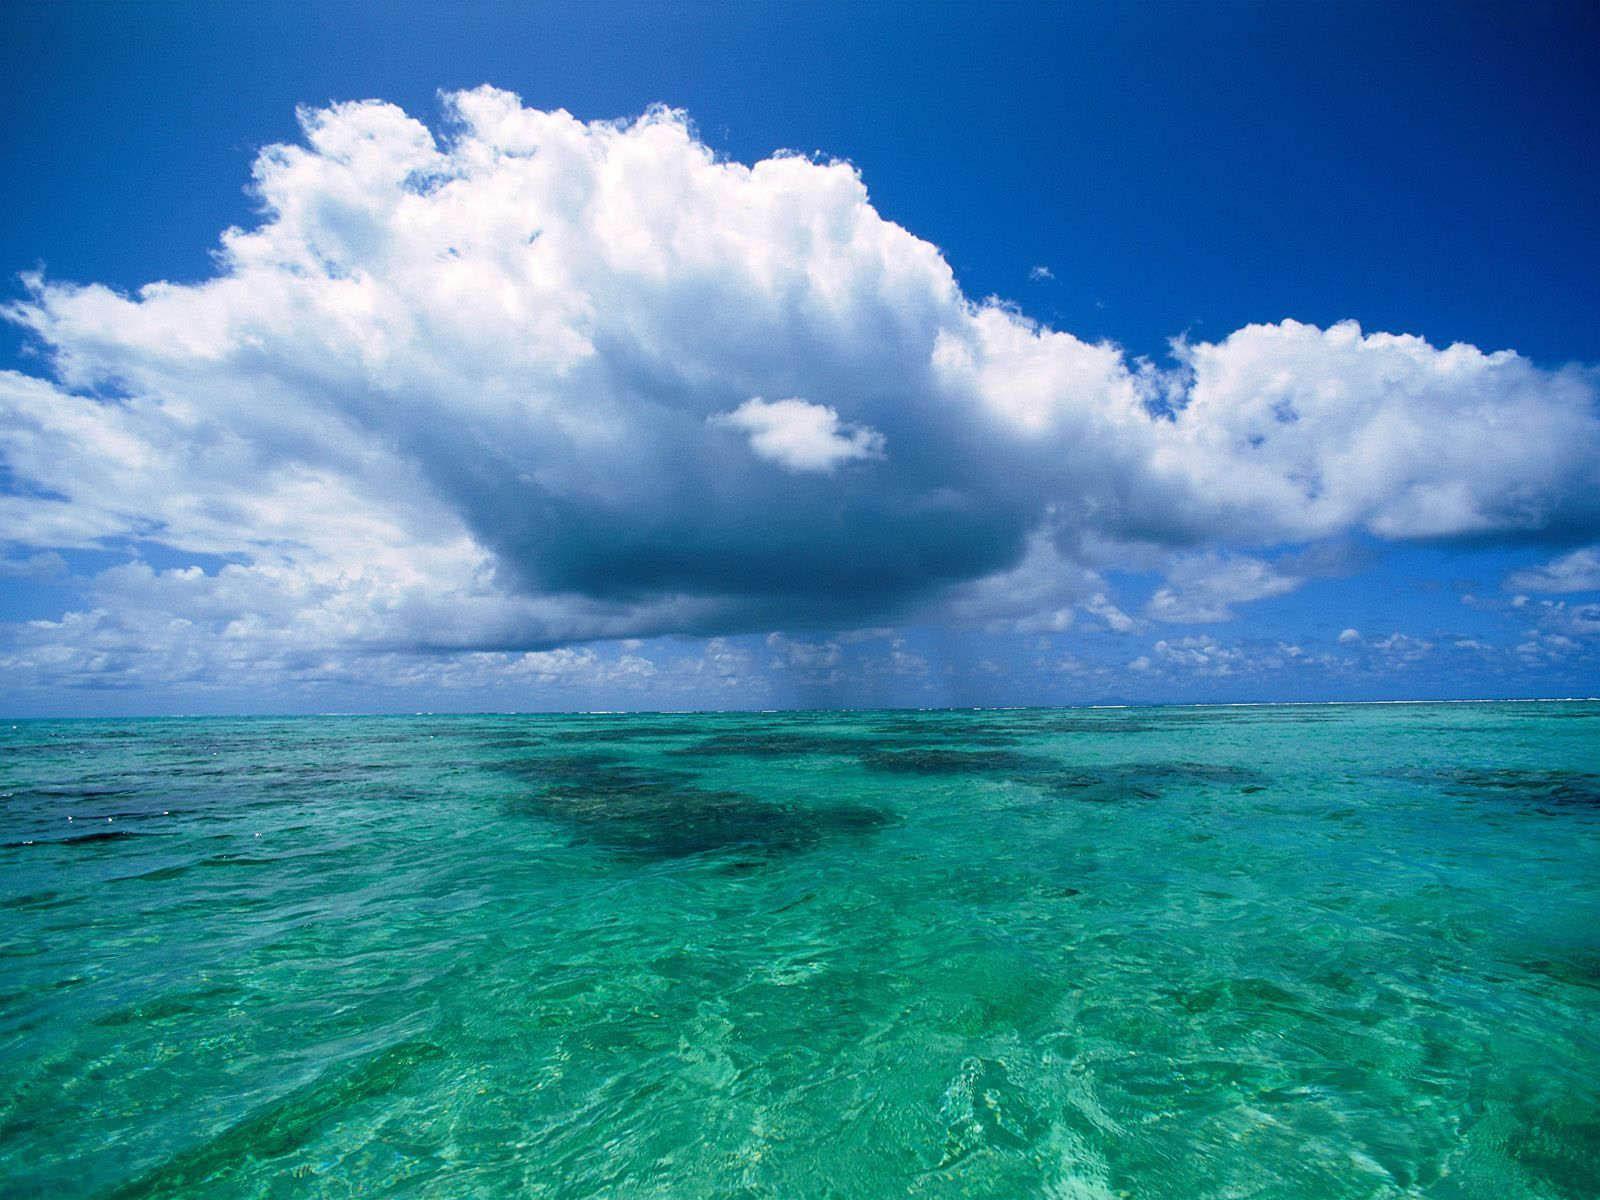 Foto foto langit yang indah di siang hari wallpaper - Foto wallpaper ...